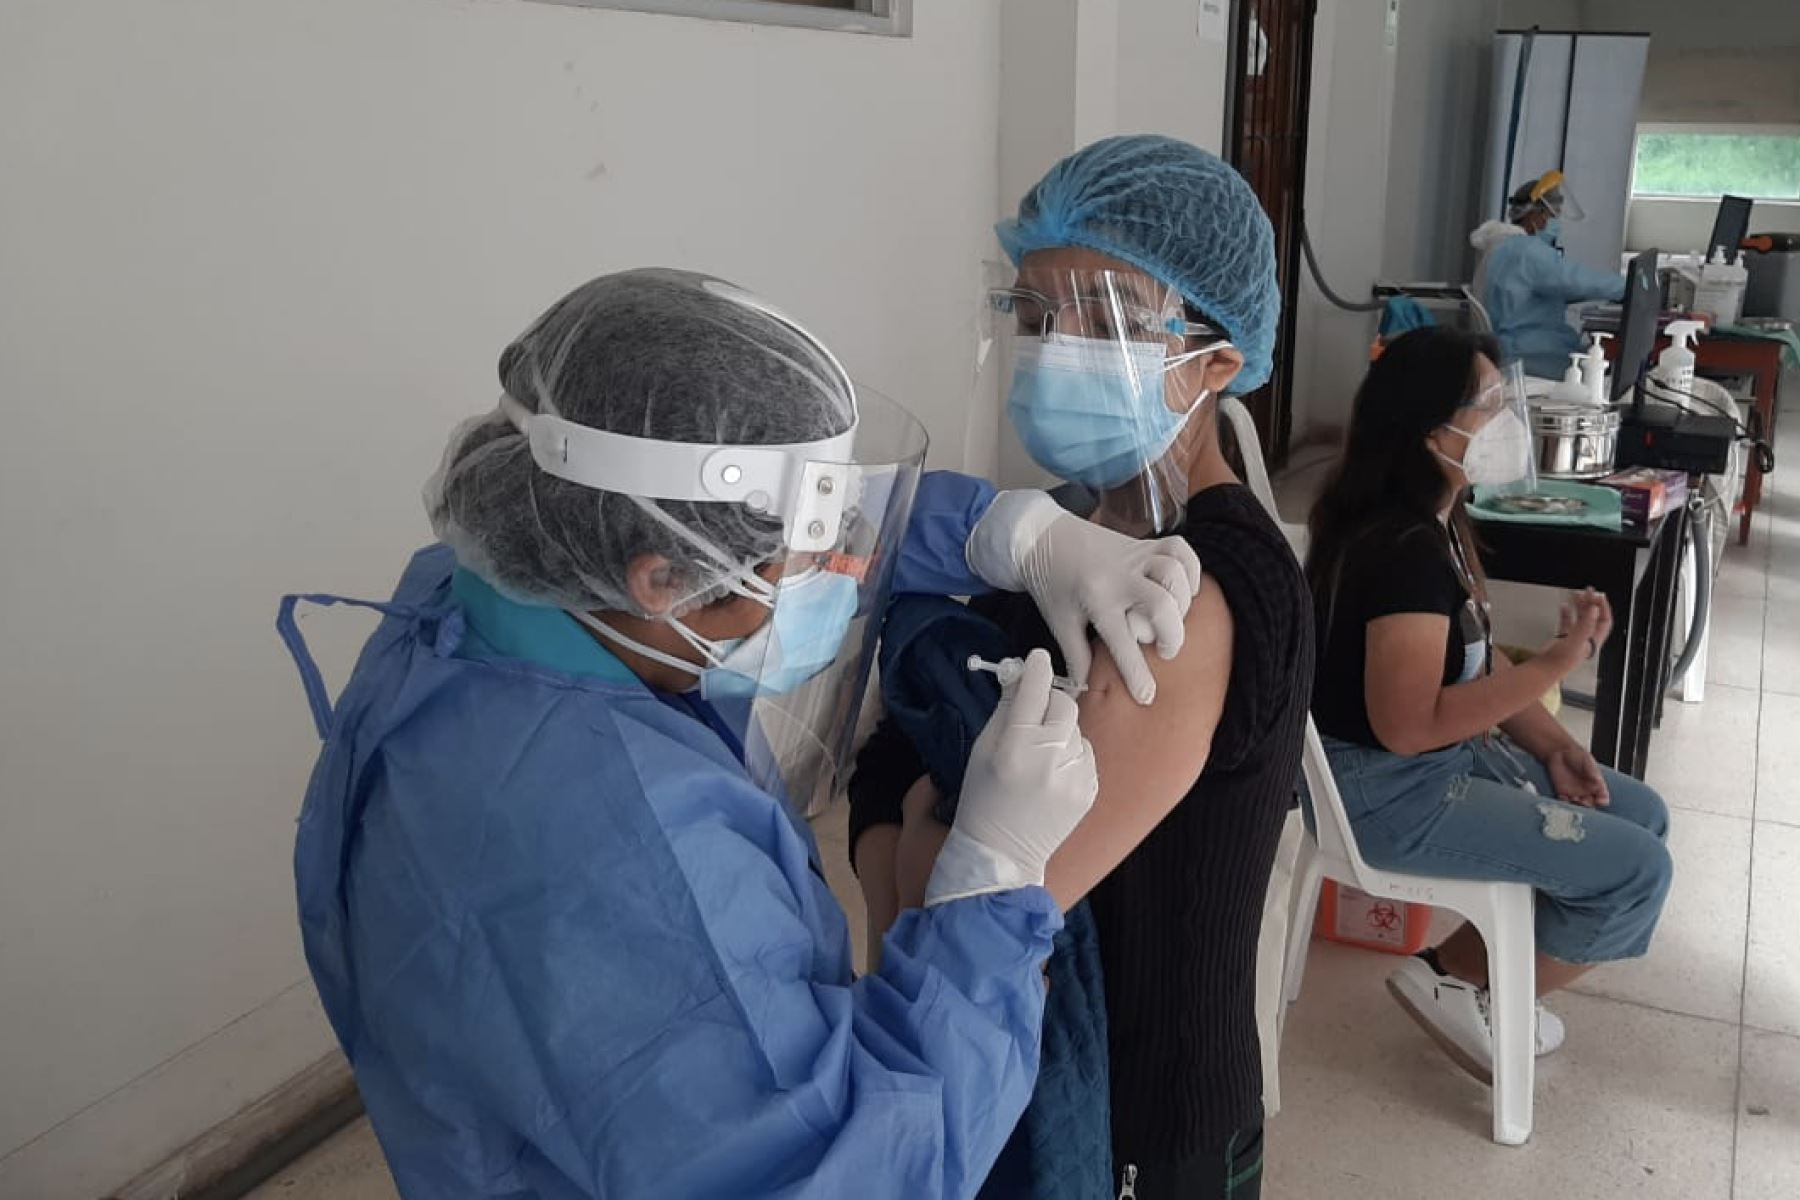 Con emoción y esperanza, personal asistencial de EsSalud Cusco, recibe a partir de hoy la segunda dosis de la vacuna de Sinopharm contra la Covid-19. Foto: ANDINA/Difusión